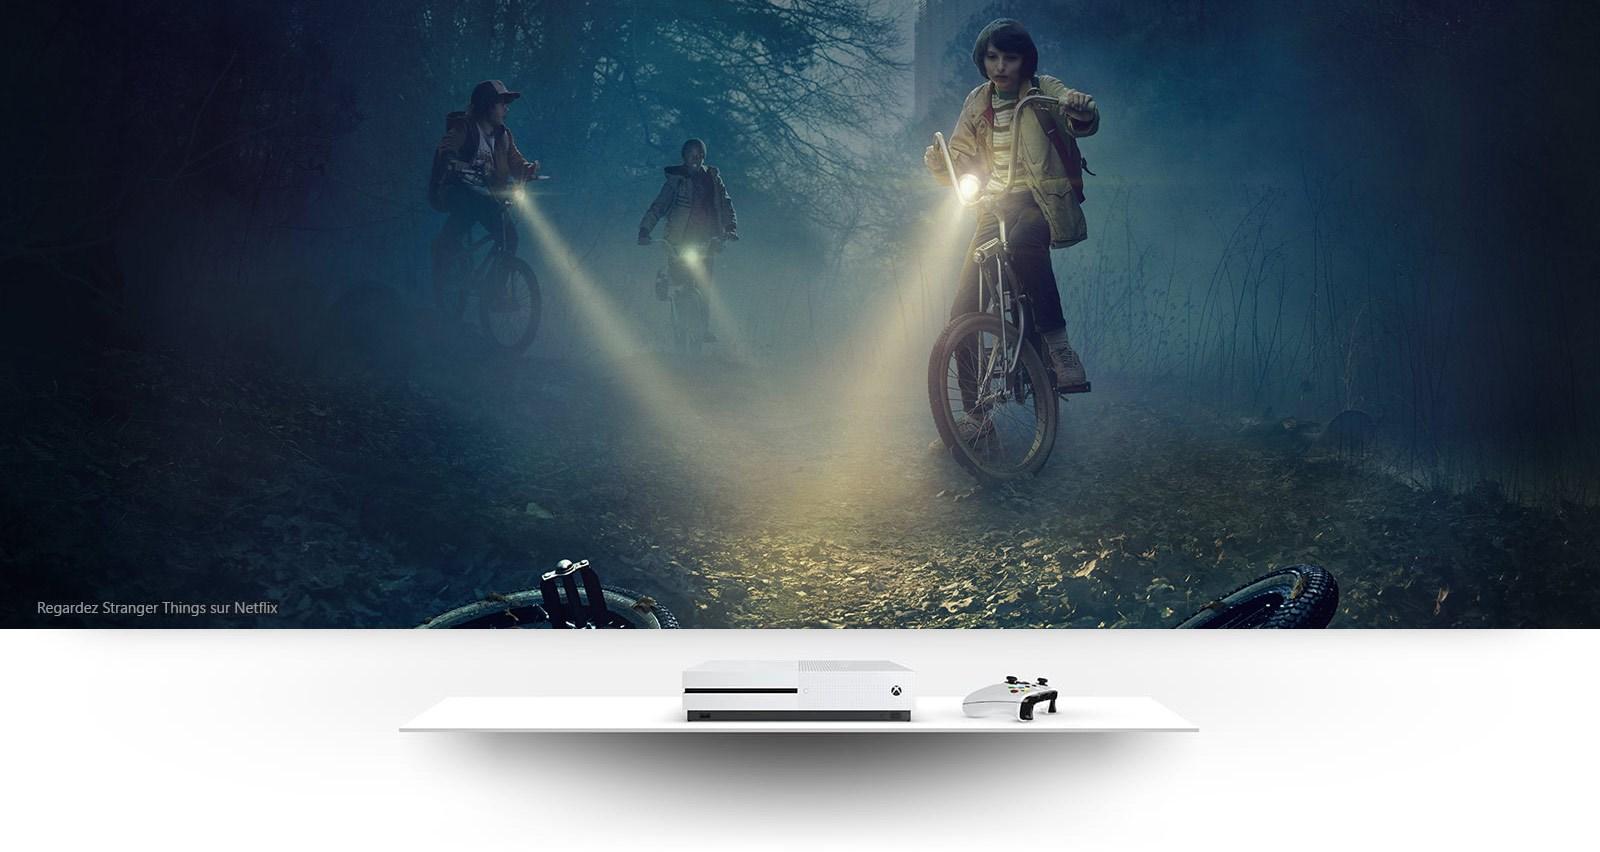 Xbox One S avec une image des enfants de Stranger Things sur des vélos